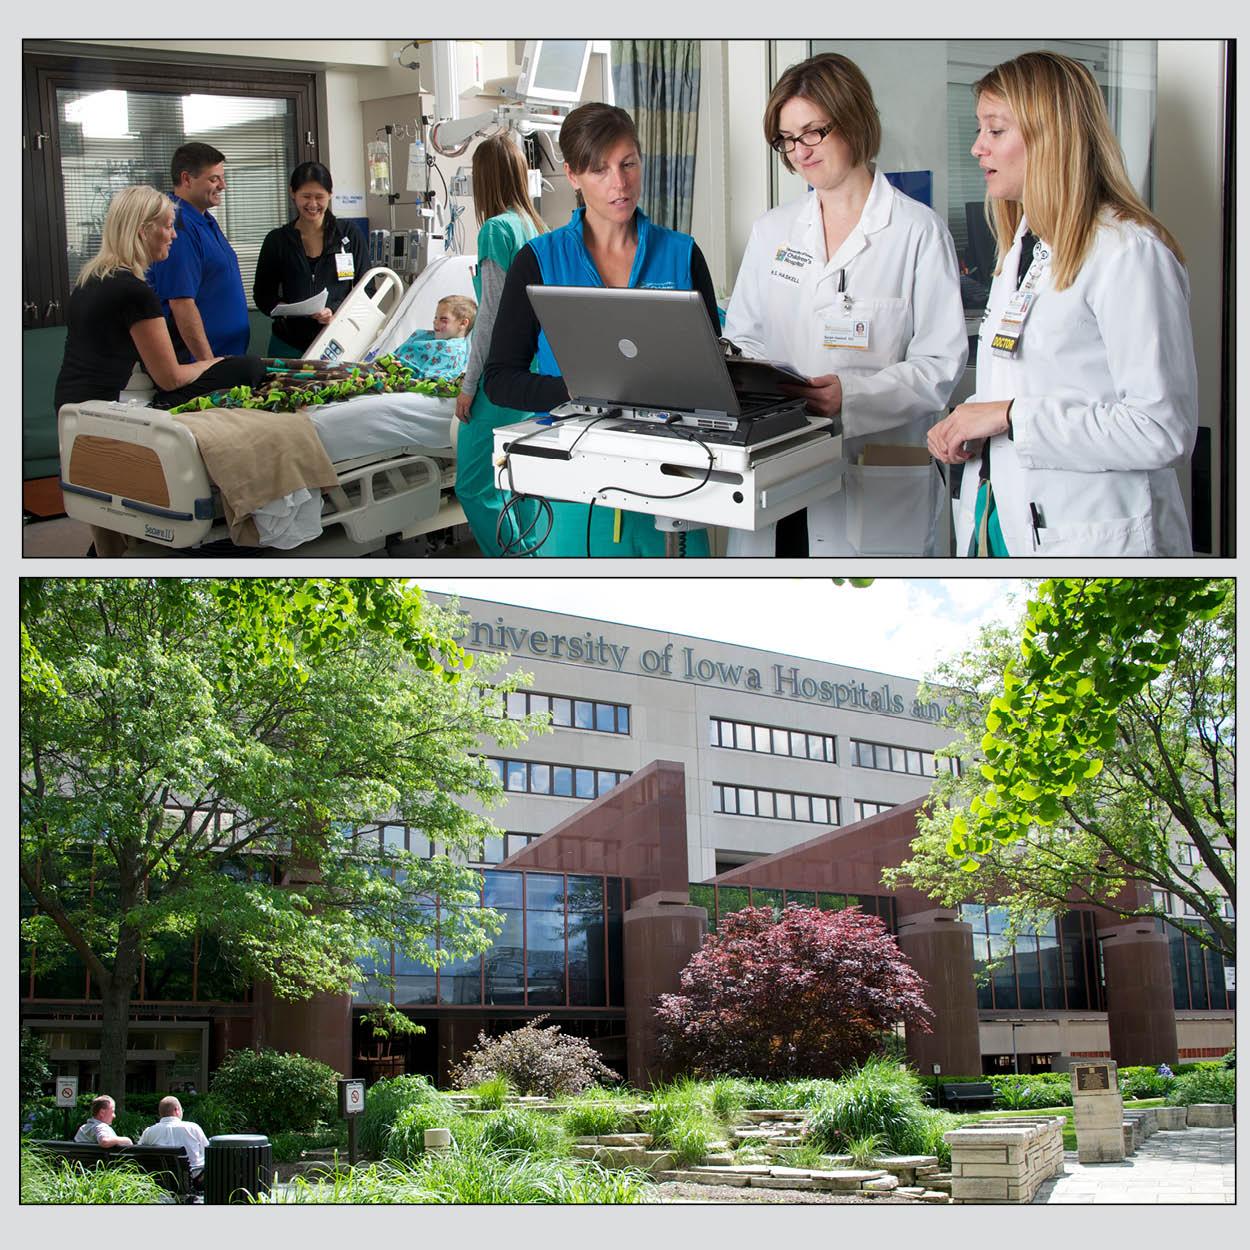 university-of-iowa-hospitals-and-clinics